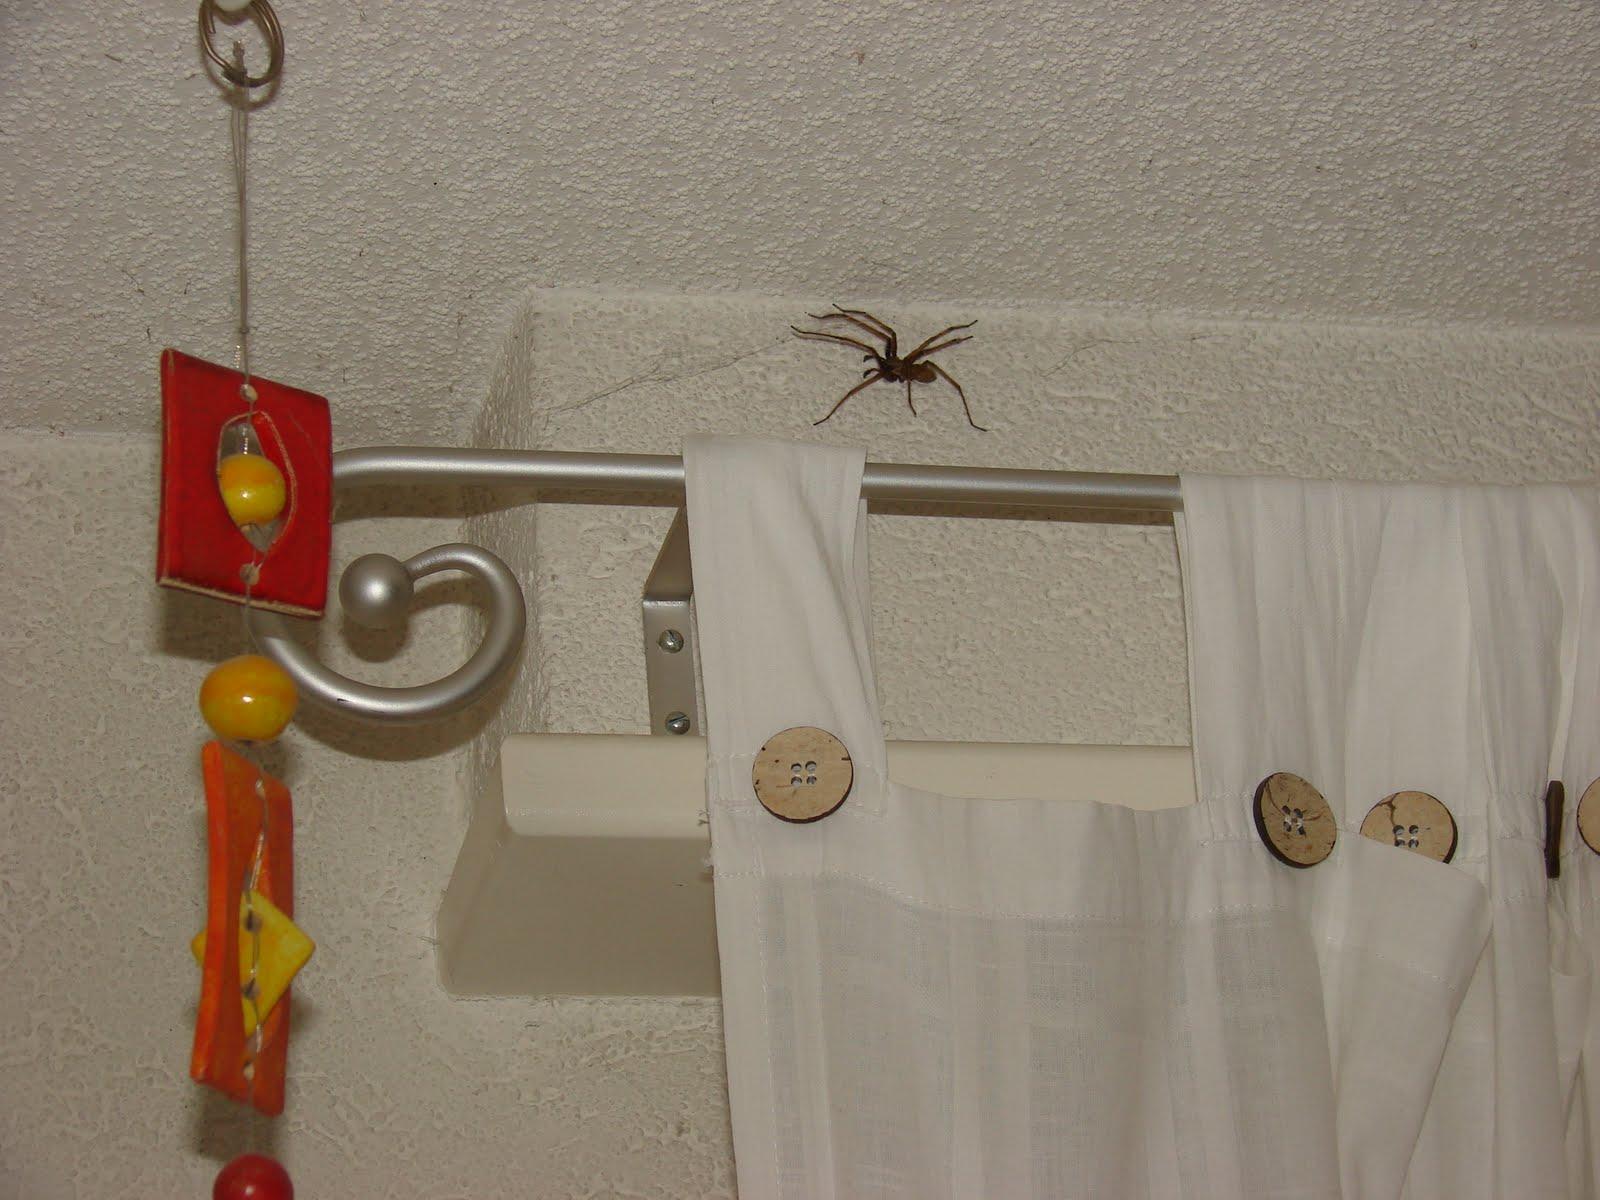 M li m lo de moi les araign es et moi - Ma fille ne veut pas dormir seule dans sa chambre ...